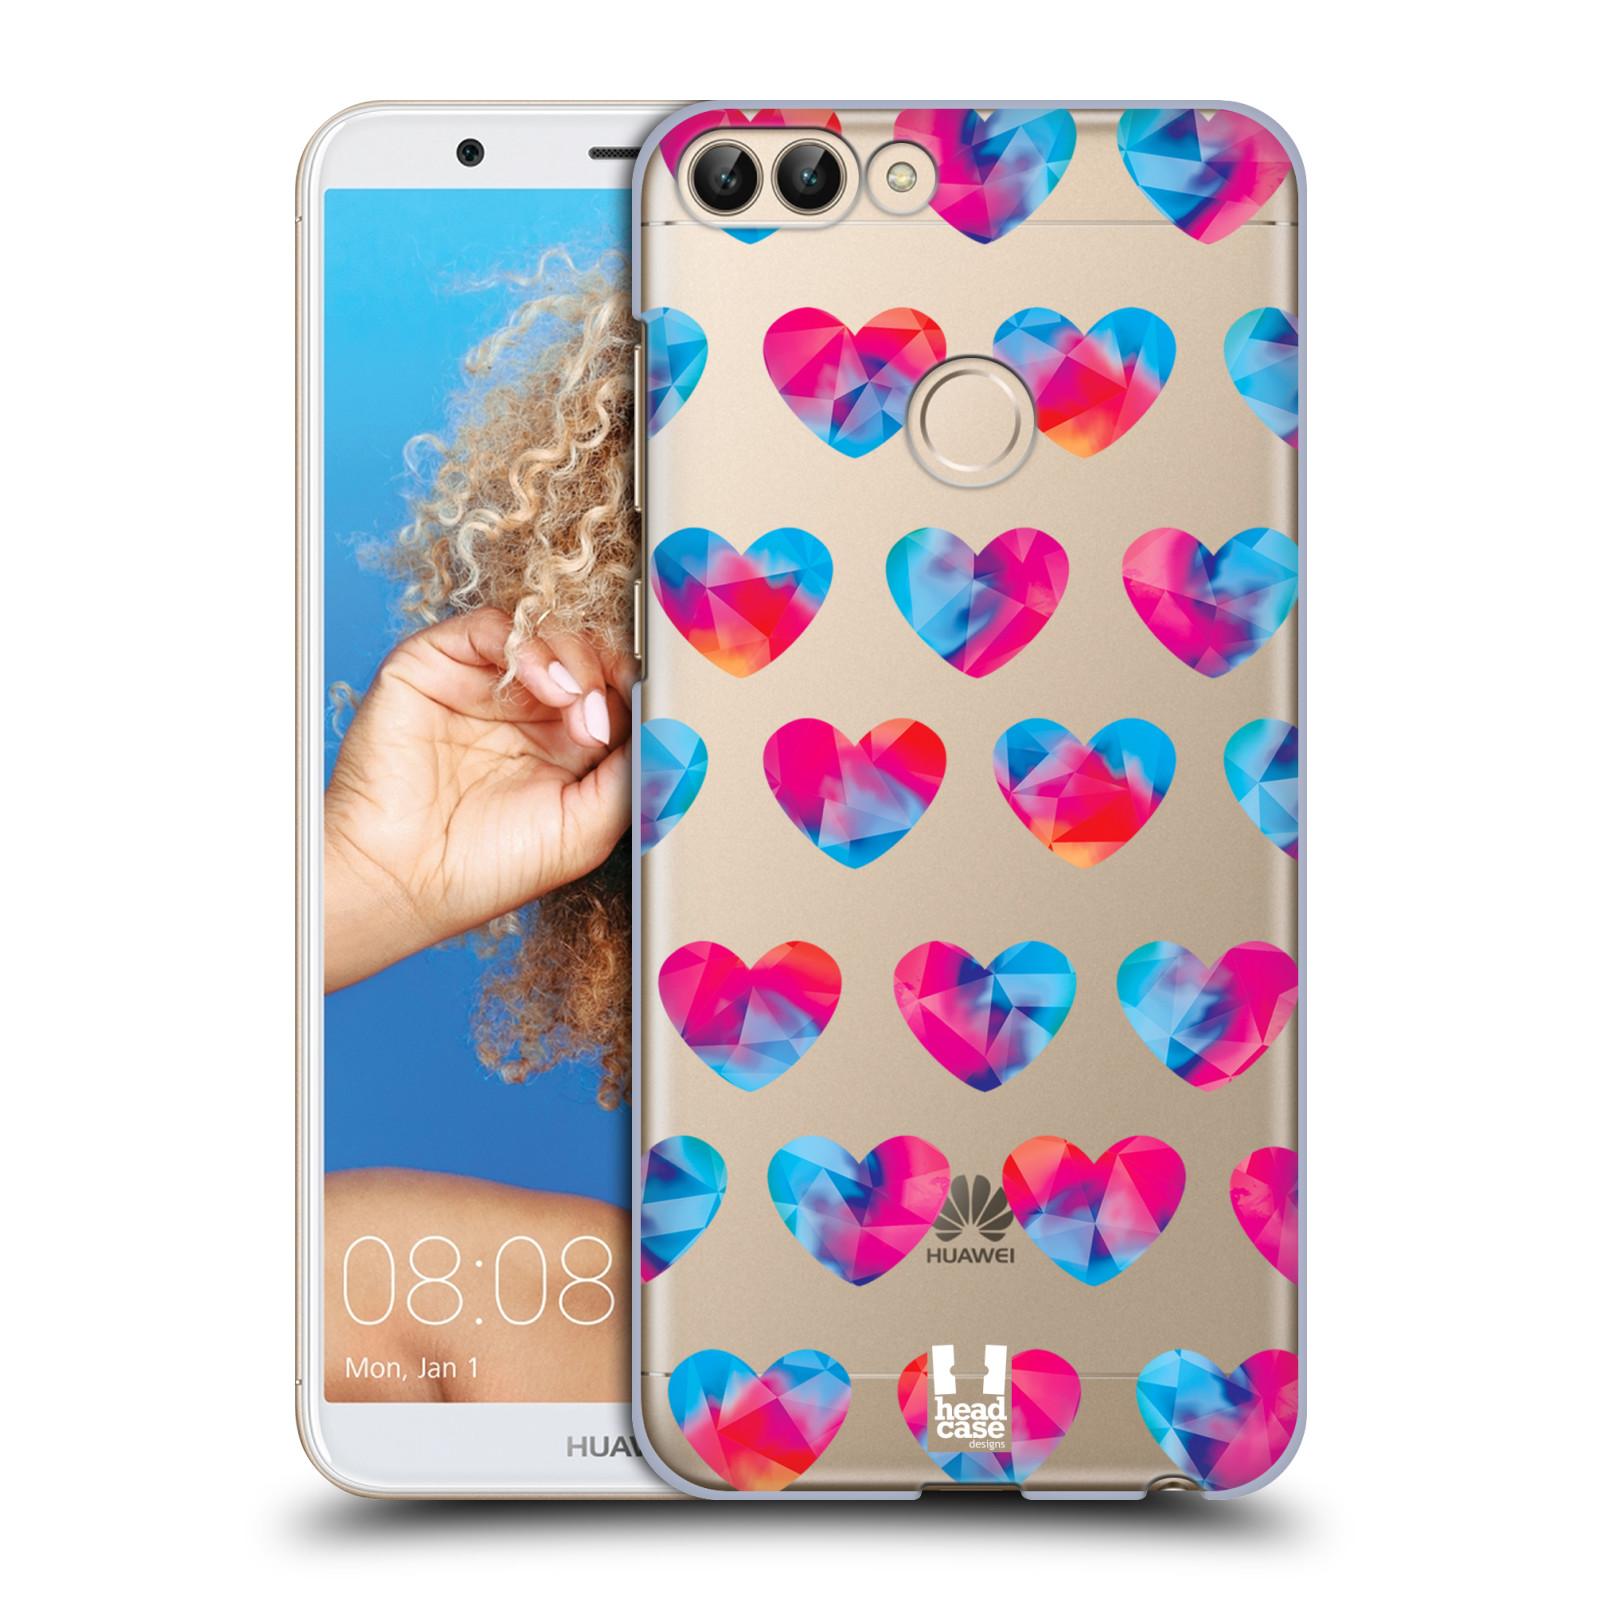 Plastové pouzdro na mobil Huawei P Smart - Head Case - Srdíčka hrající barvami